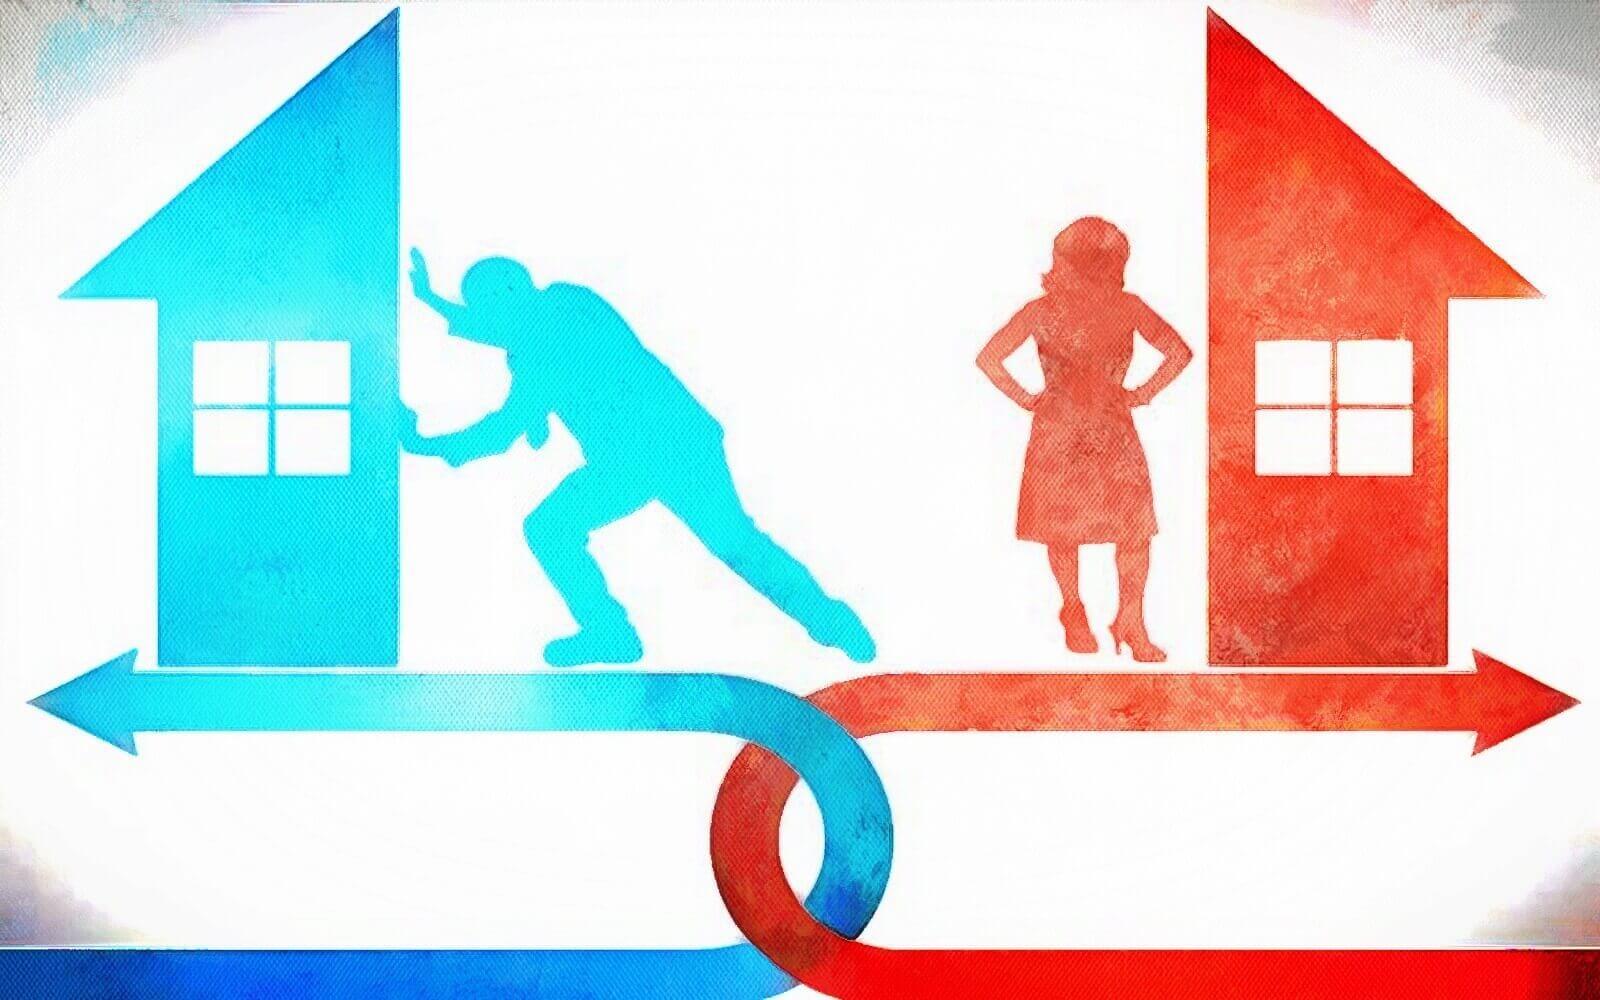 Ипотека и алименты при разводе, комментарии эксперта